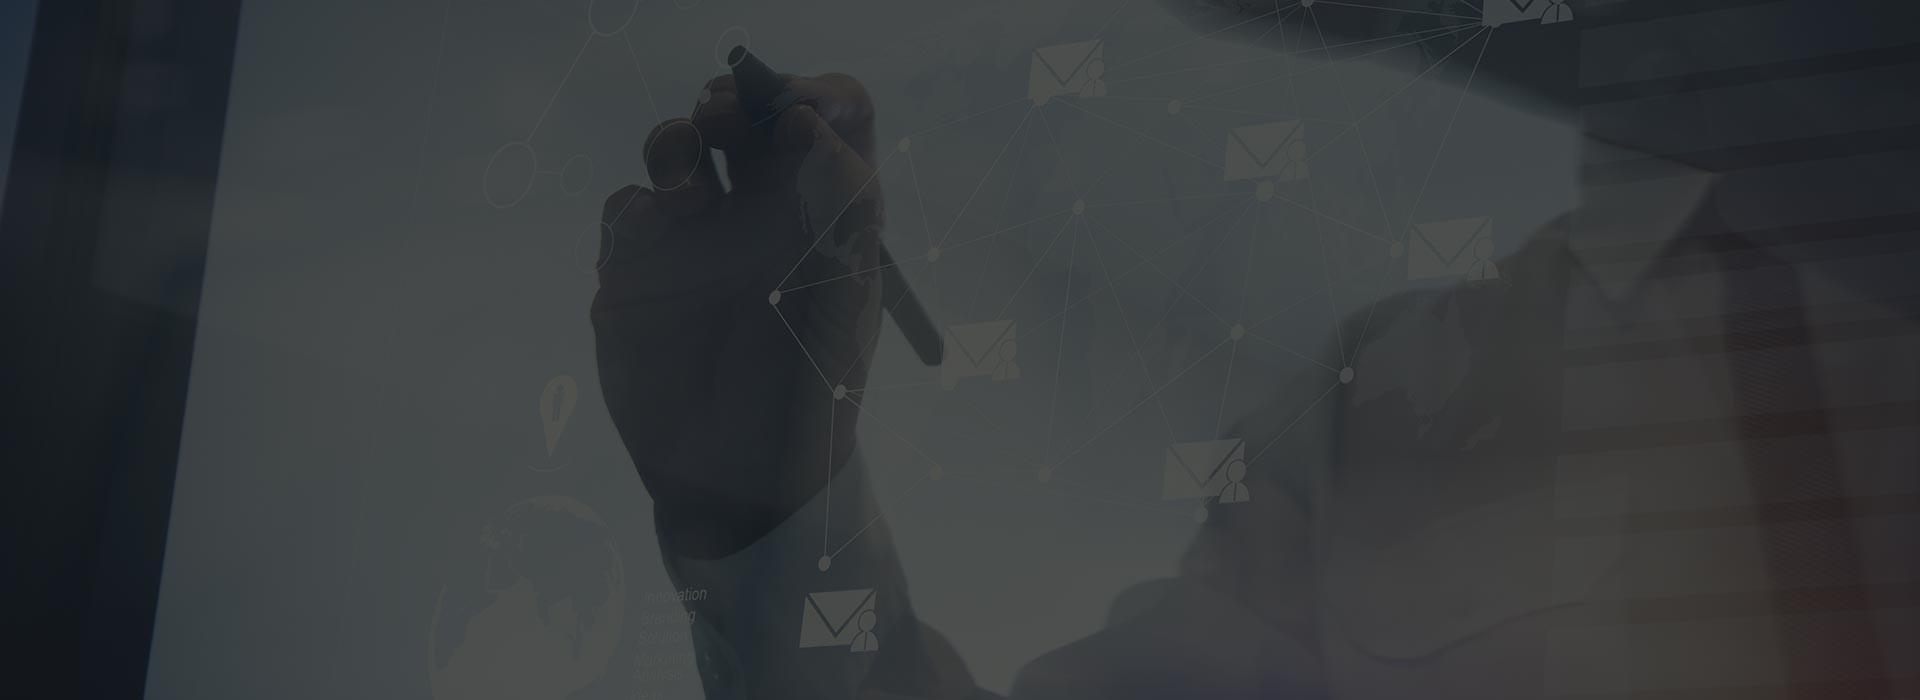 services-title